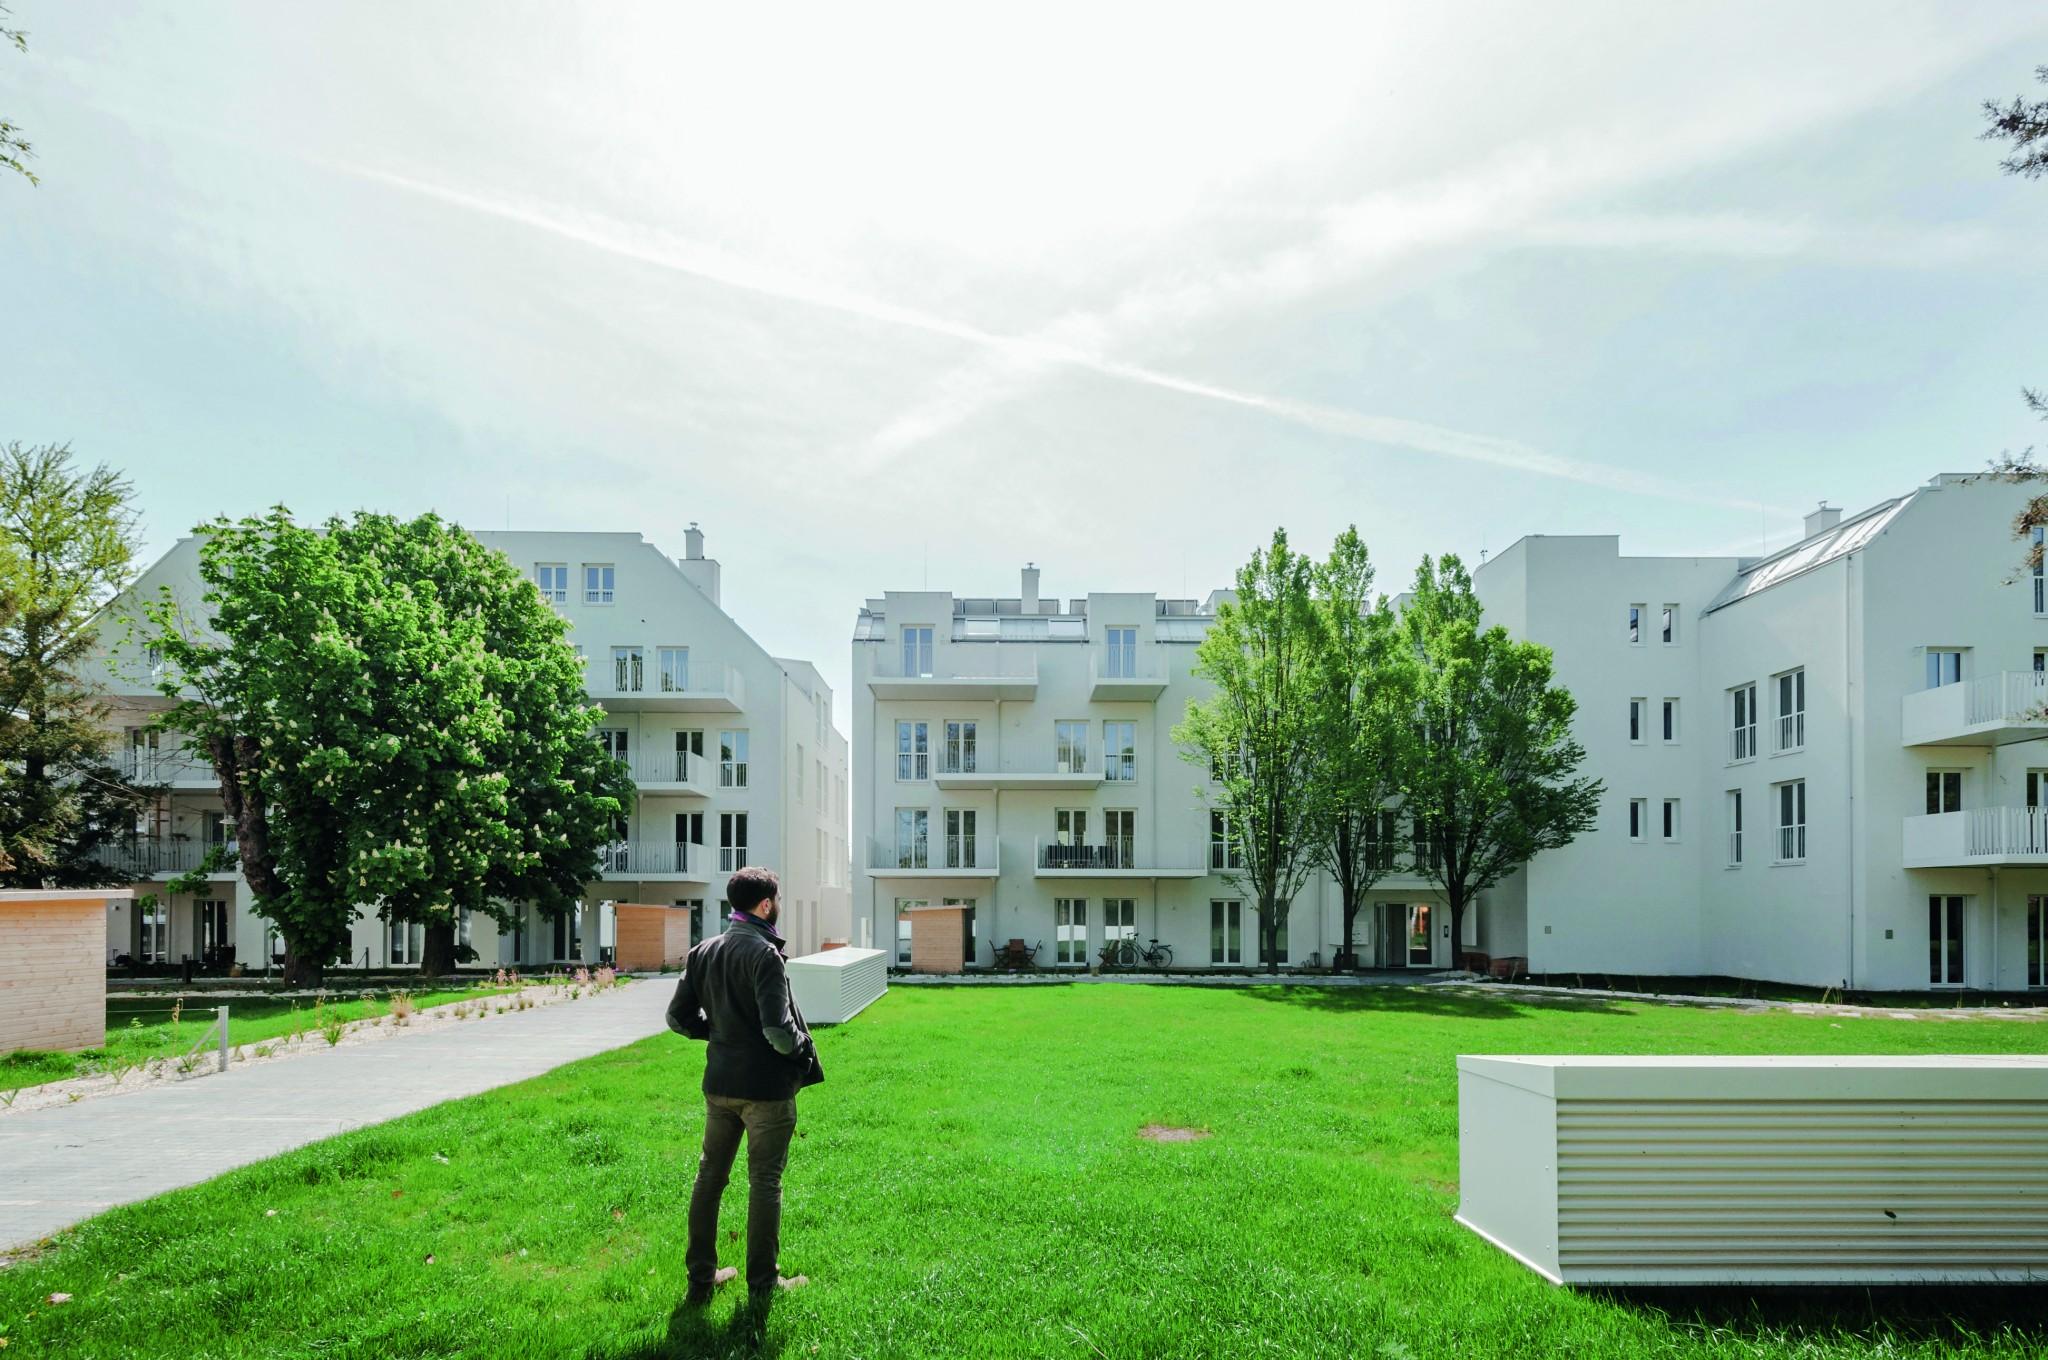 Außenküche Selber Bauen Wien : Umbau wohnhäuser gallgasse wien